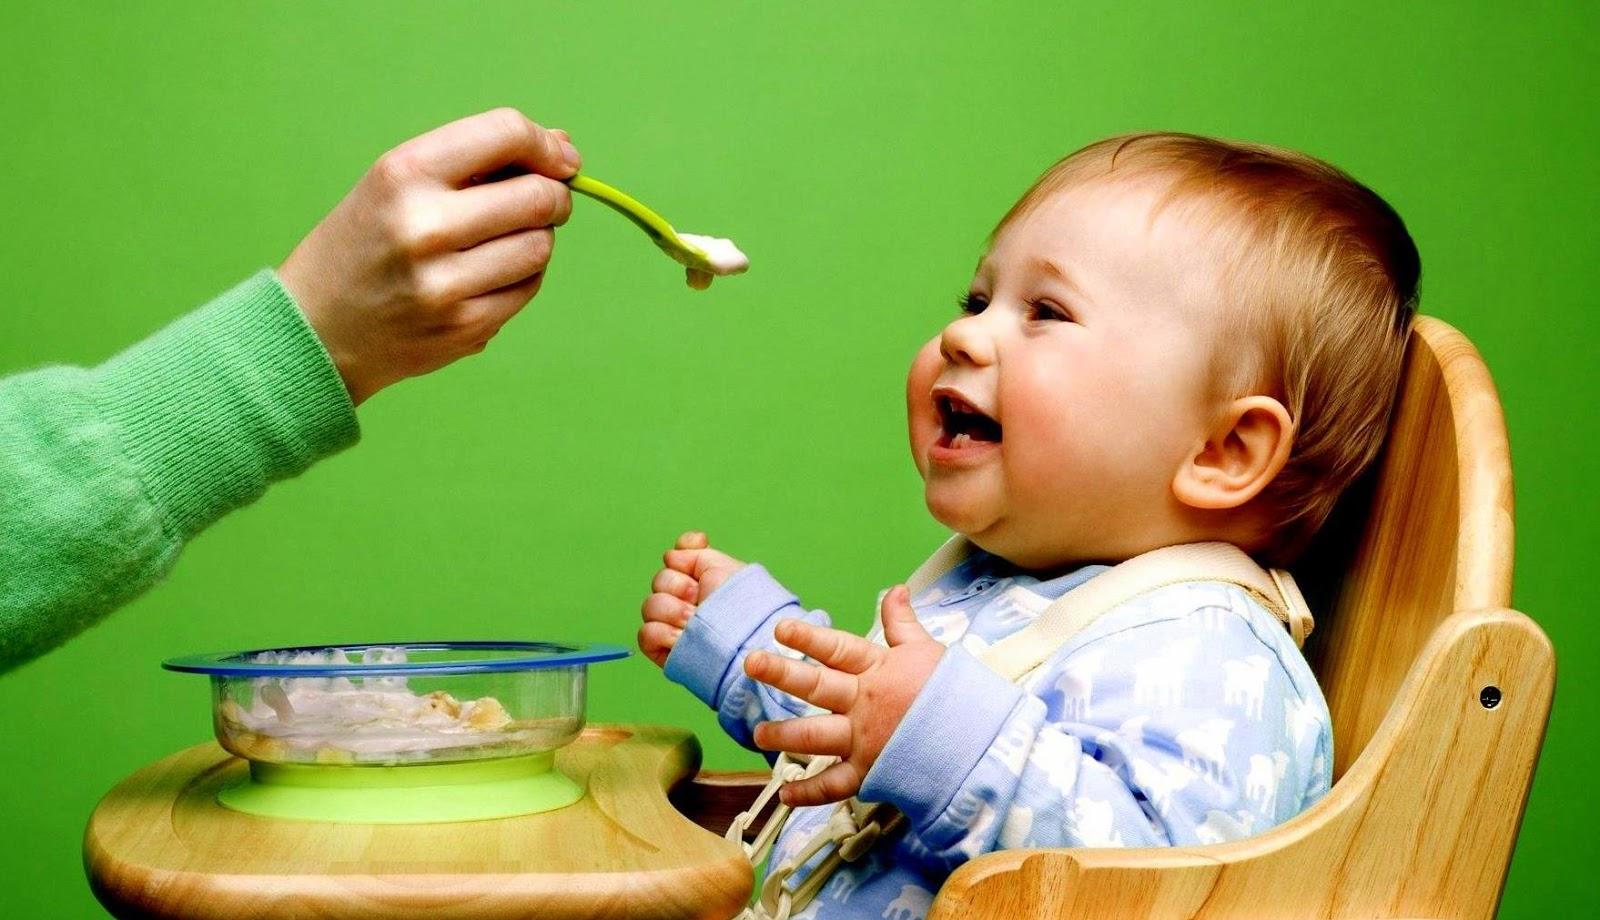 Соль в питании ребенка: много, мало или на глазок?